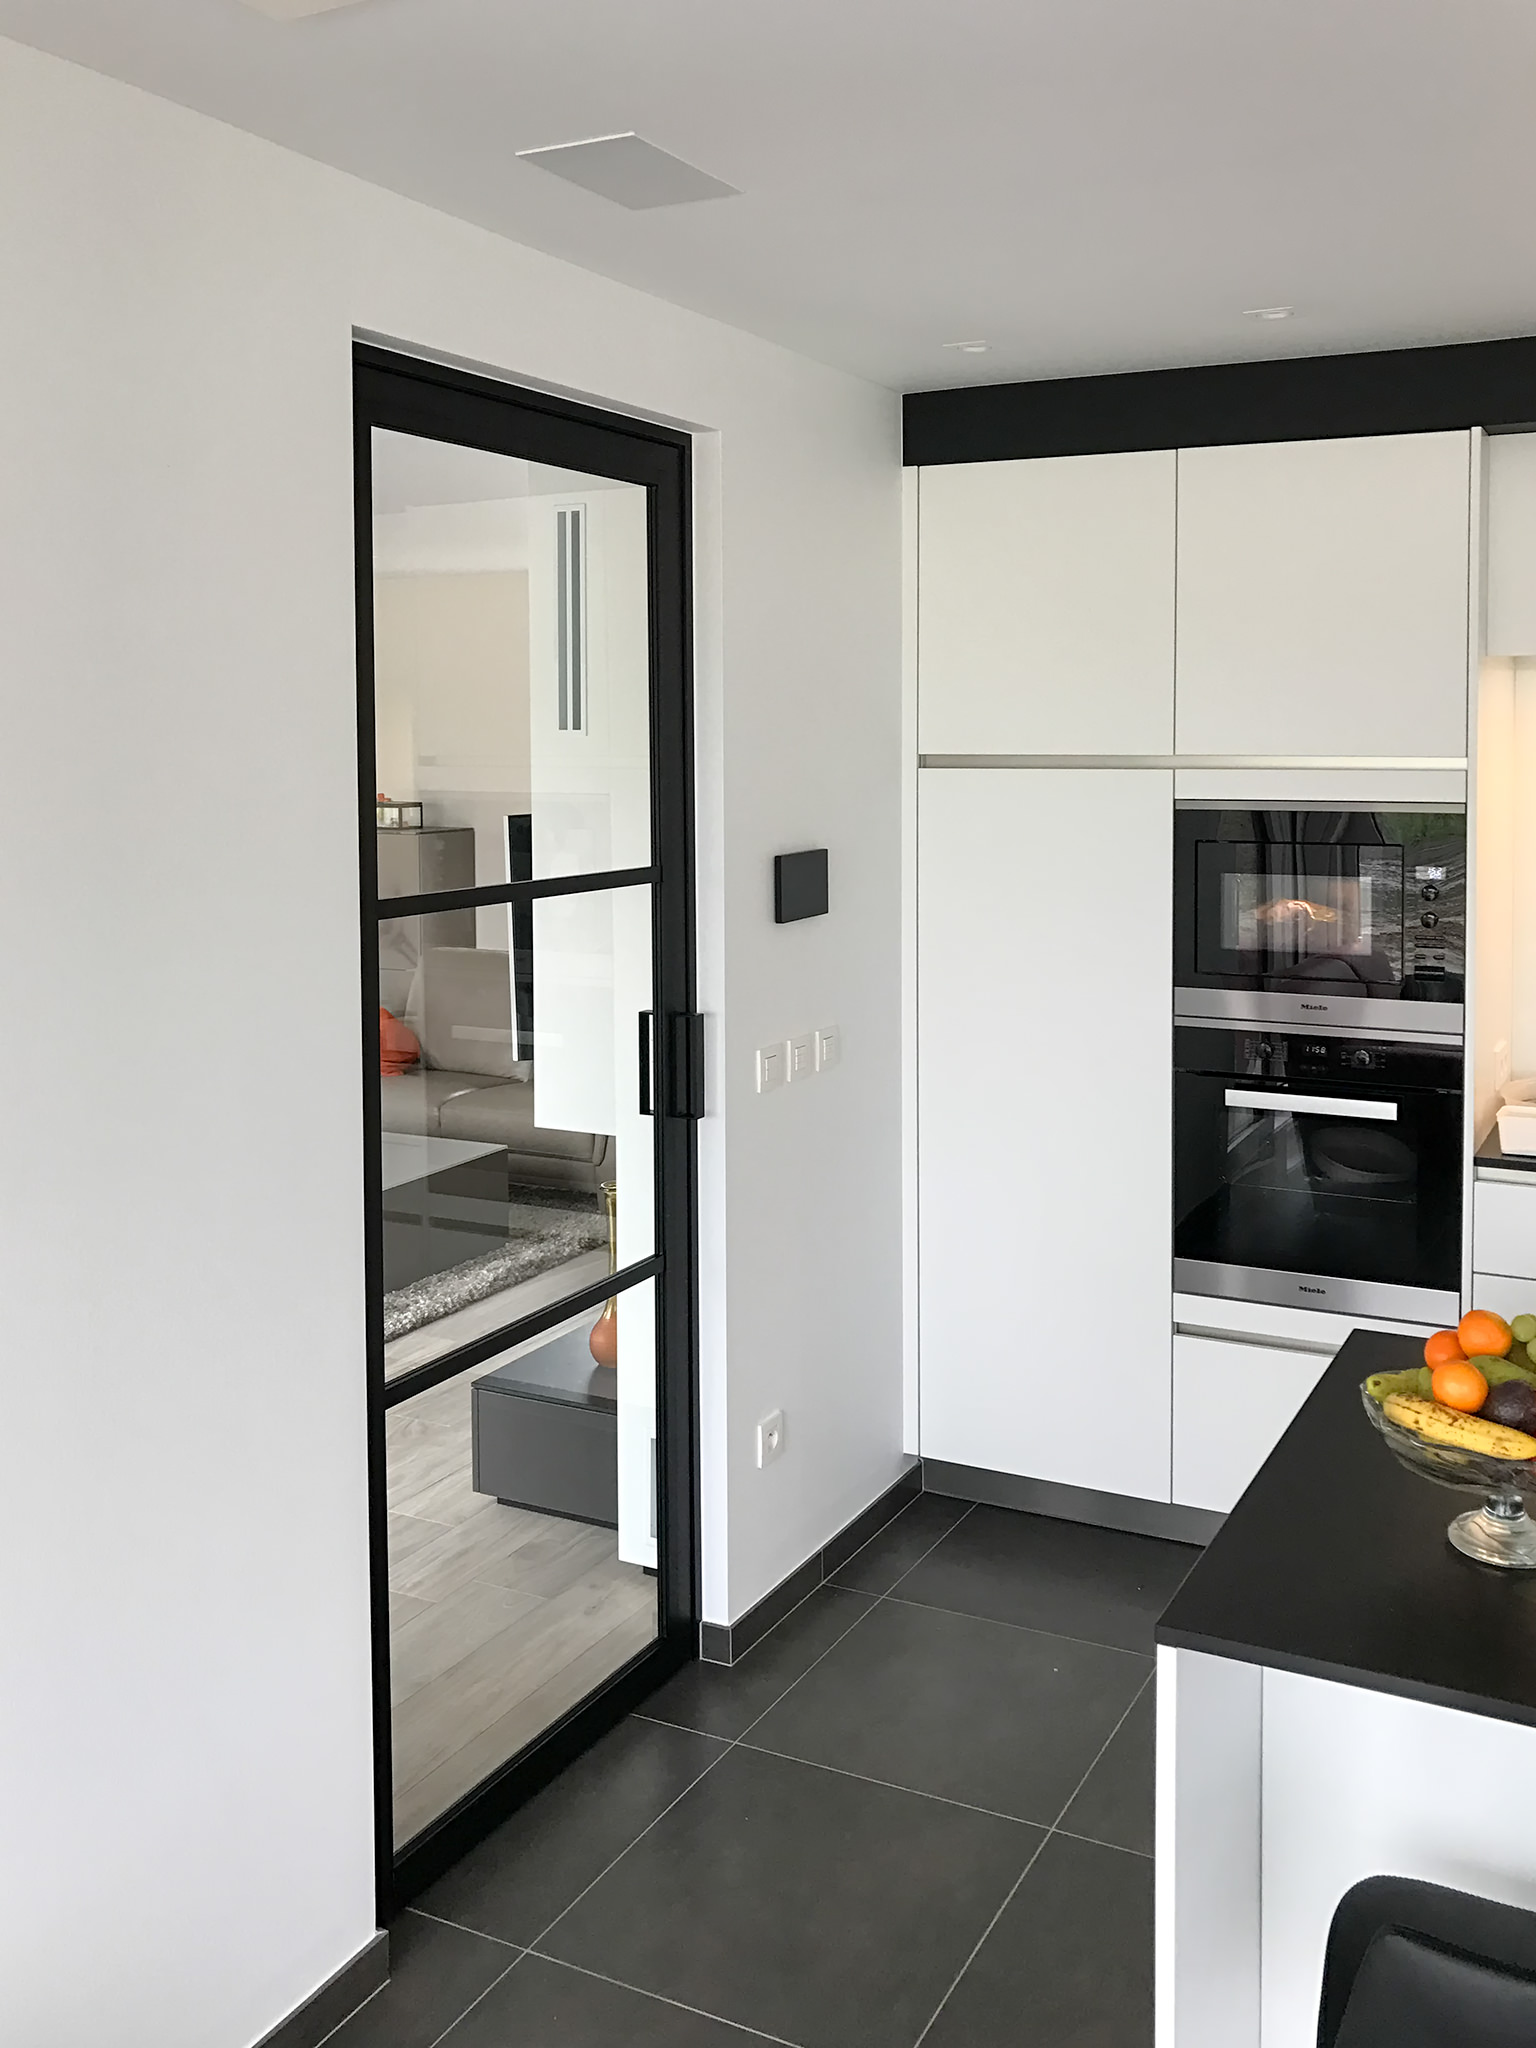 Межкомнатная дверь со стеклом на кухне